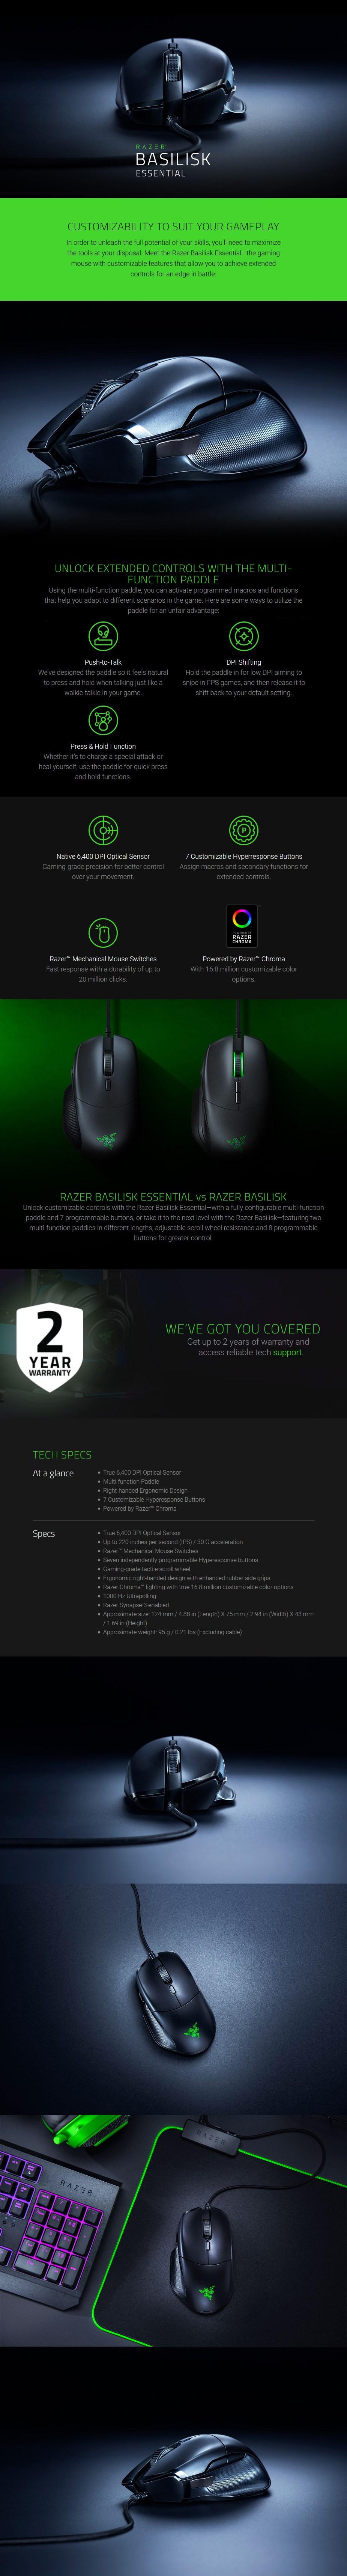 Razer Basilisk Essential Optical Gaming Mouse - Desktop Overview 1